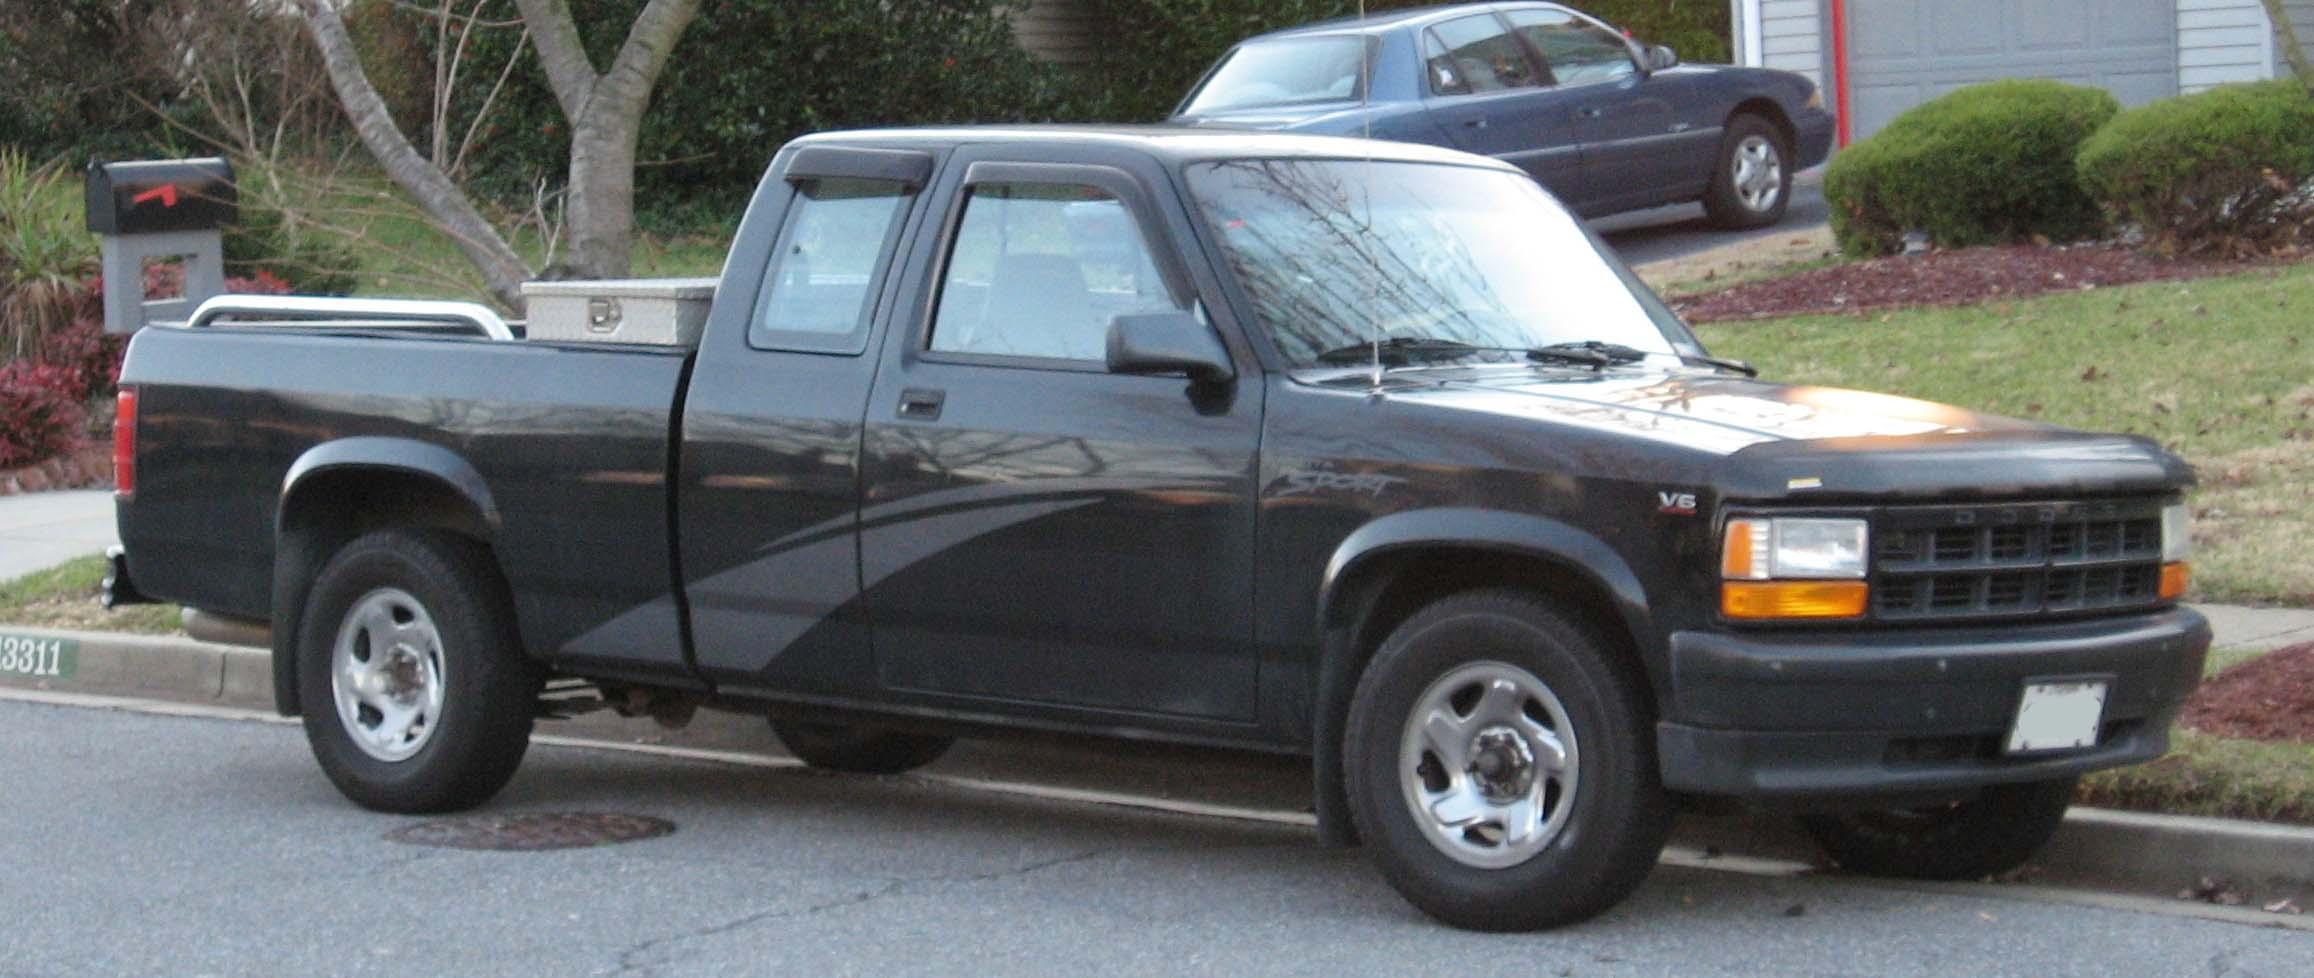 1996 Dodge Dakota